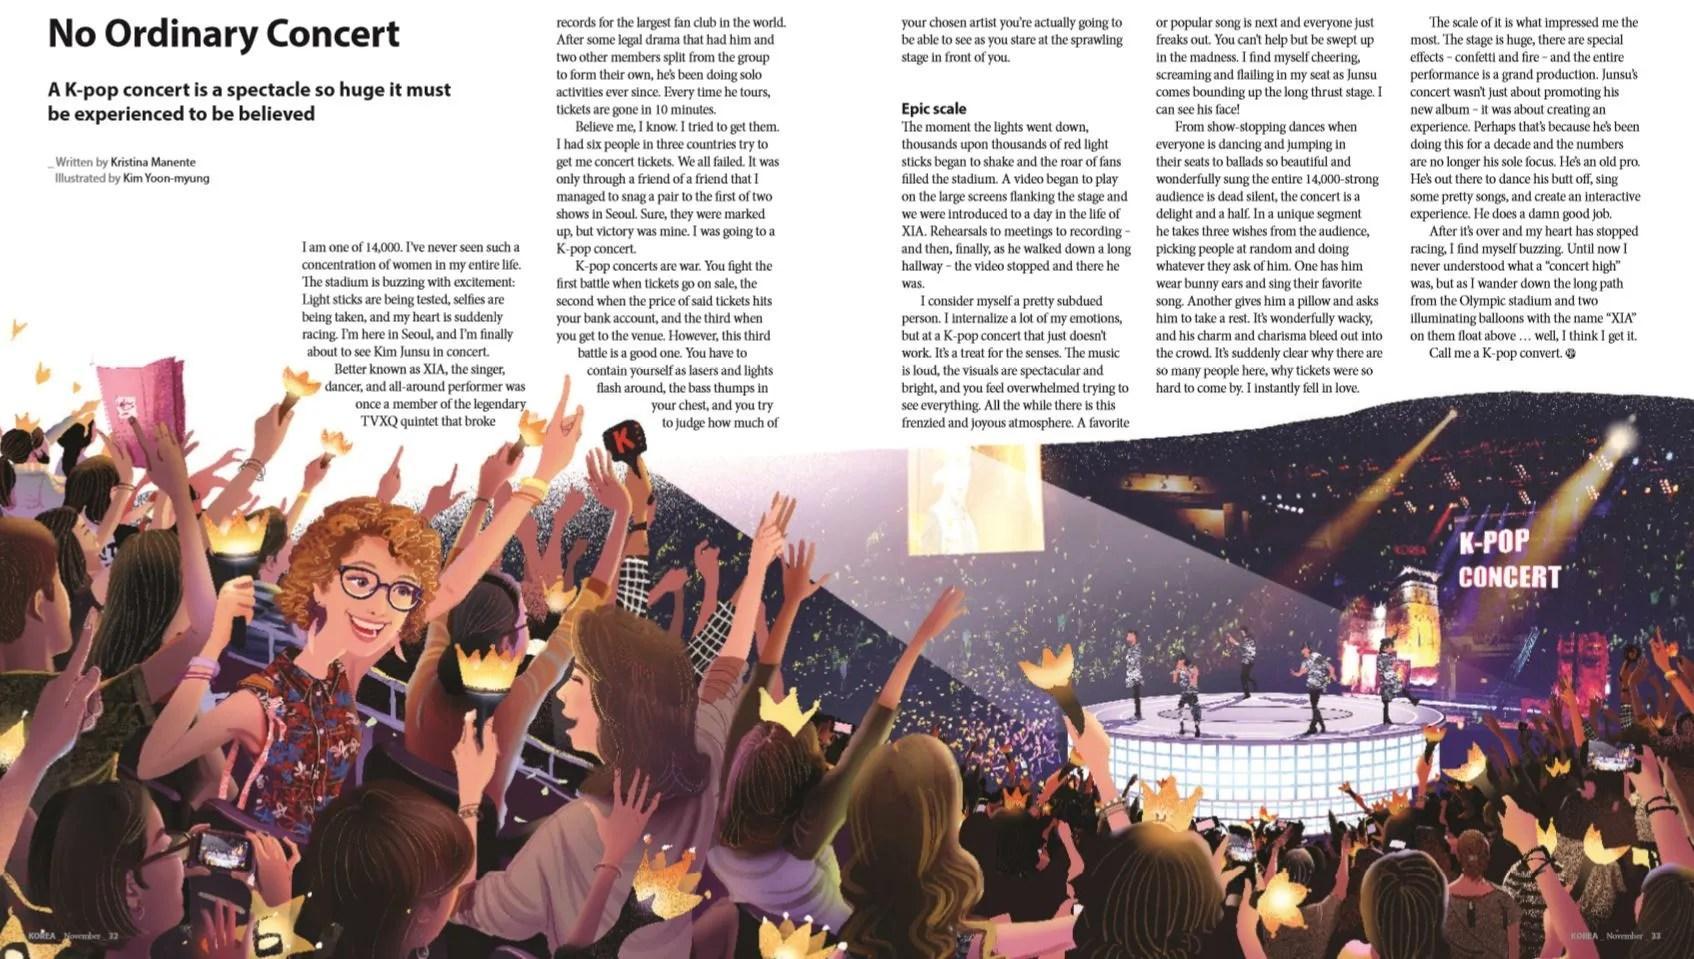 photo KoreaMagazine_article_32-33.jpg